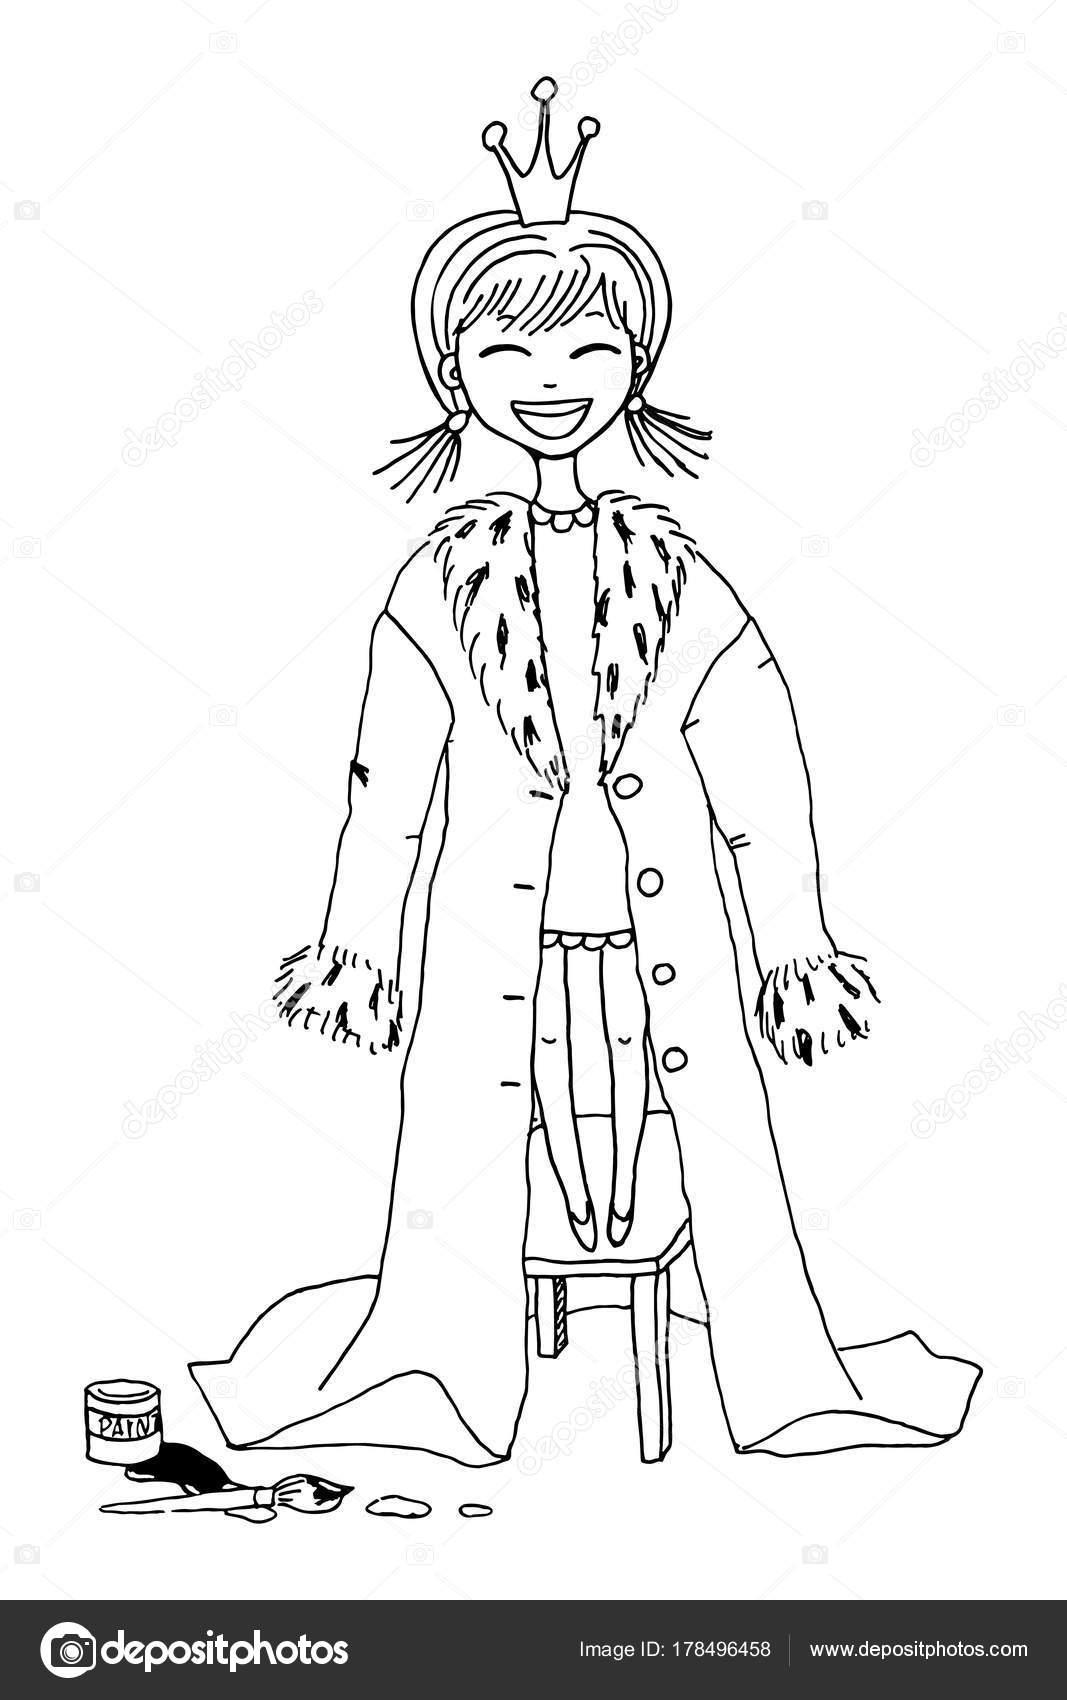 Ausmalbilder Die Kleine Prinzessin : Kleine Prinzessin M Dchen Stockvektor De Kay 178496458